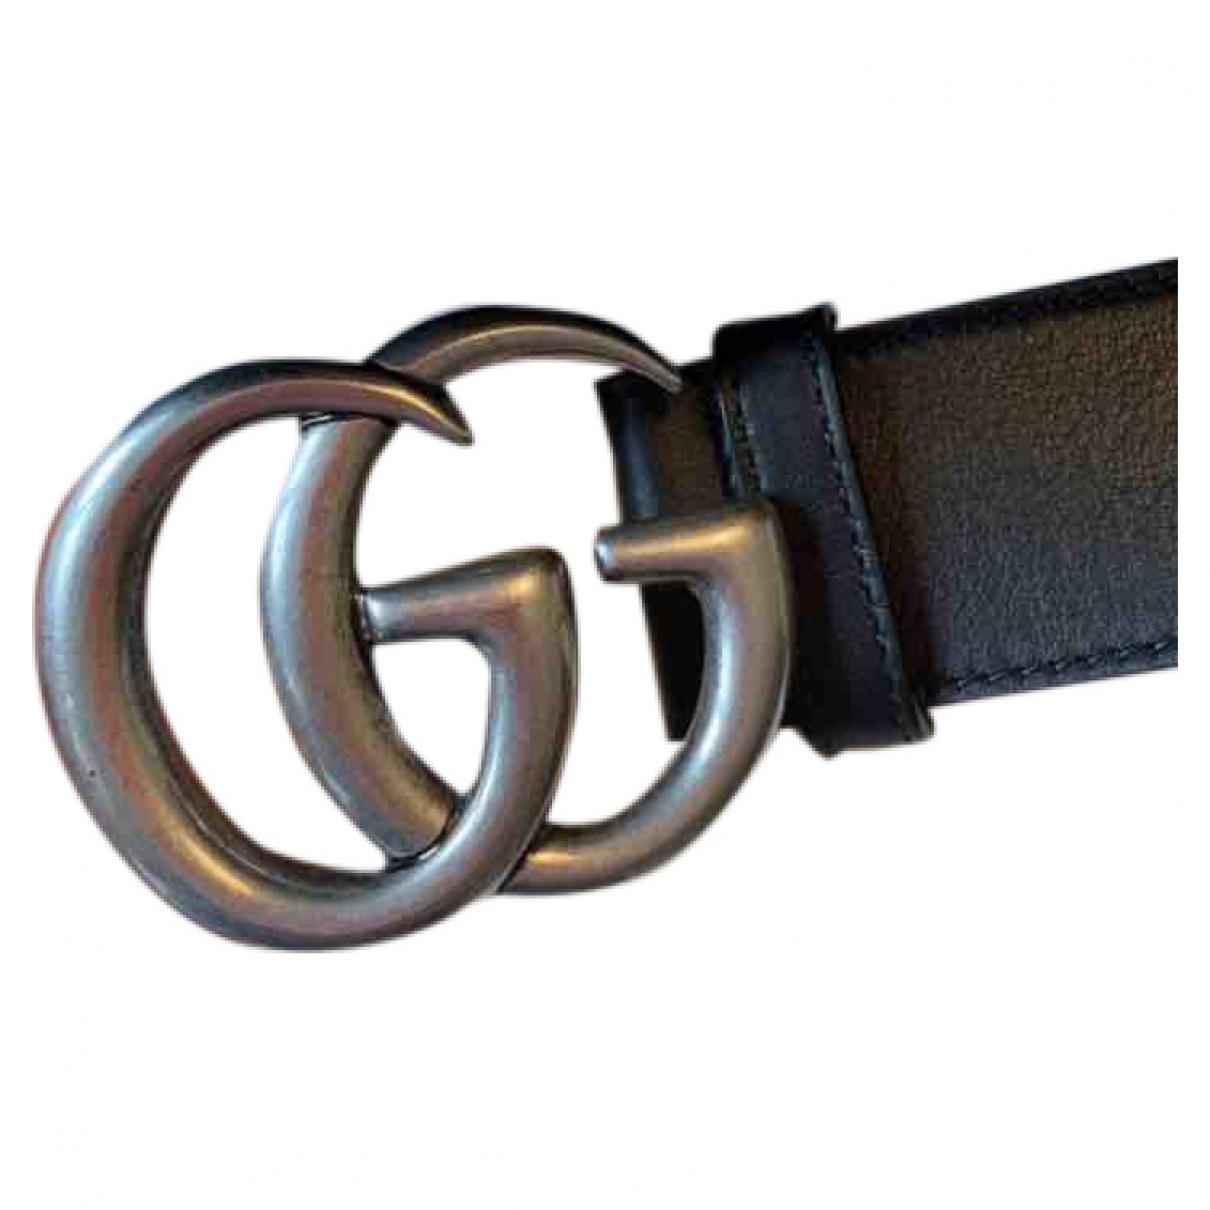 Gucci GG Buckle Black Leather belt for Men 100 cm